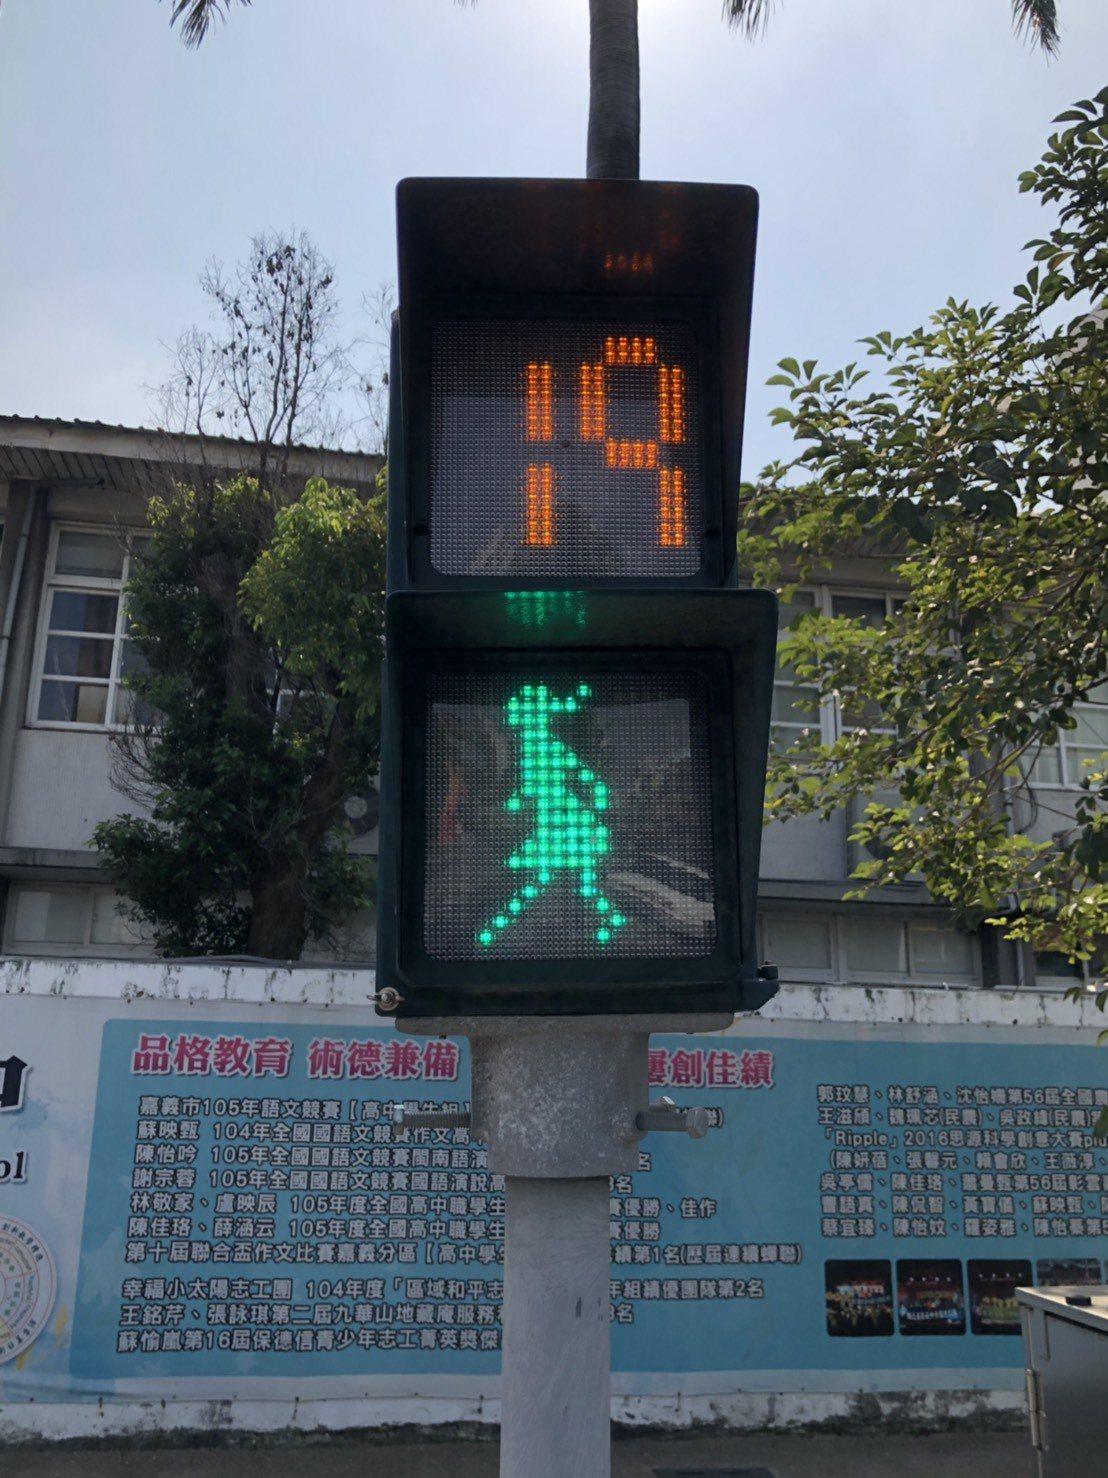 嘉義市全國獨創女版小綠人,號誌燈內的小綠人穿裙裝、留長髮,呈現女性圖像。圖/嘉義...